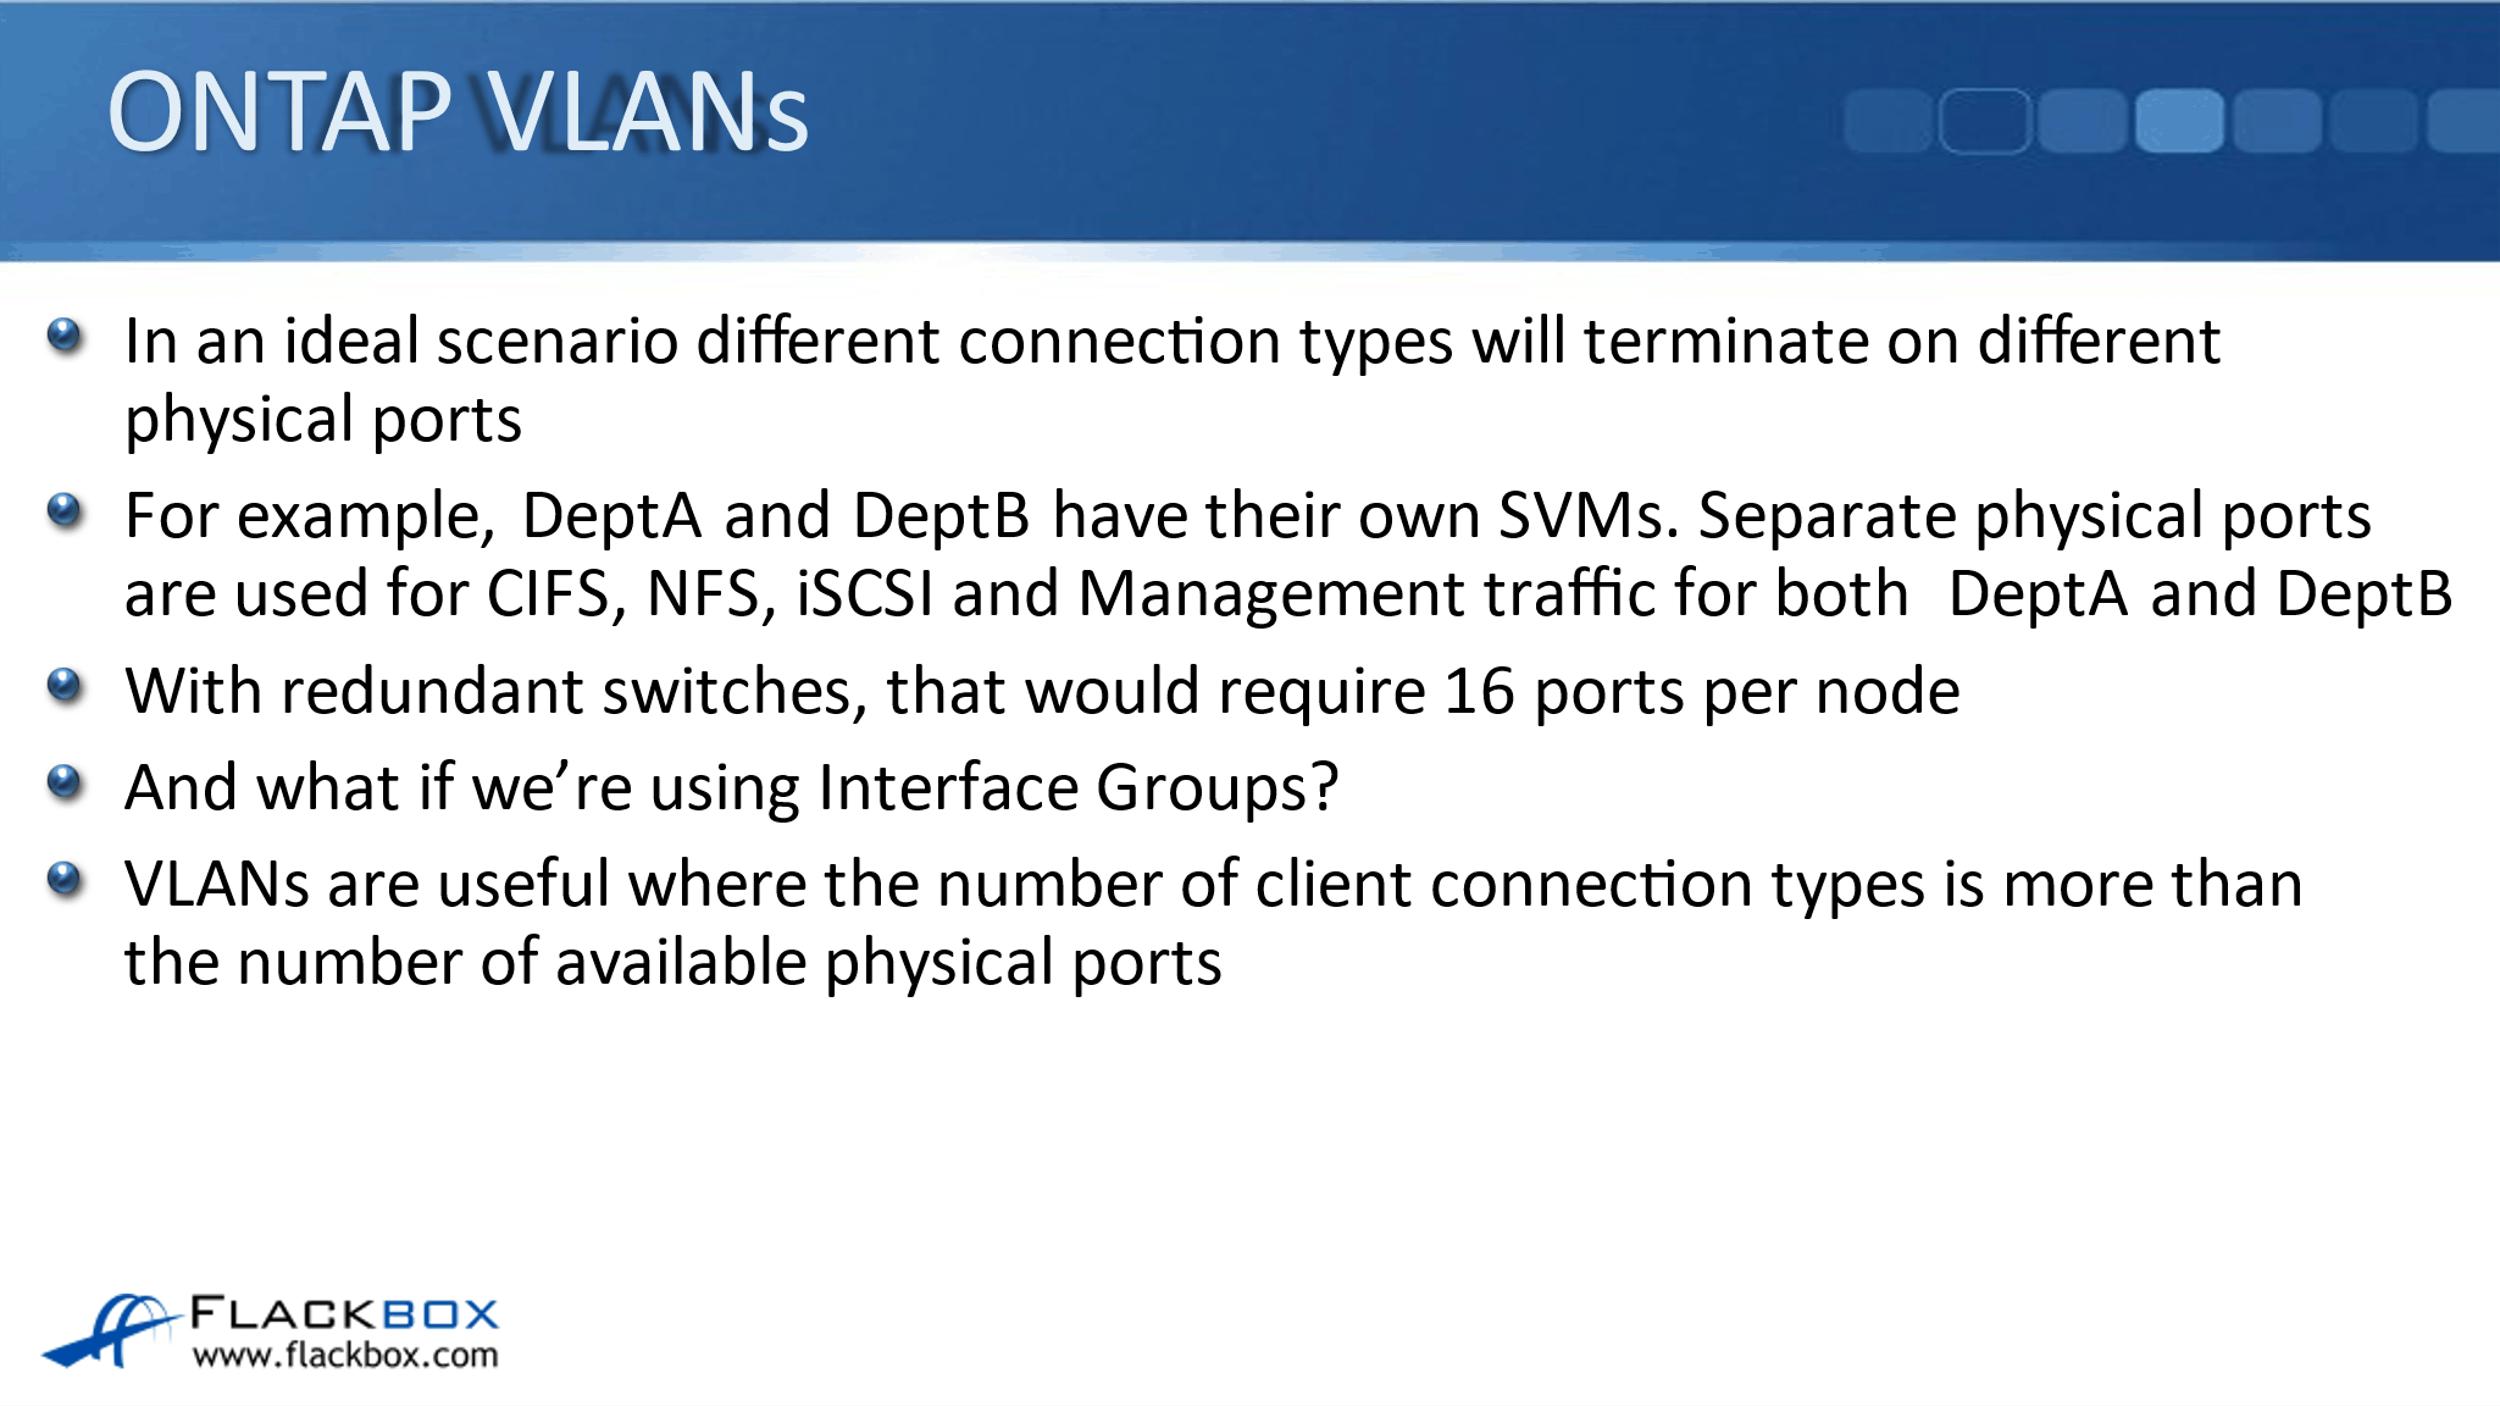 NetApp ONTAP VLANs